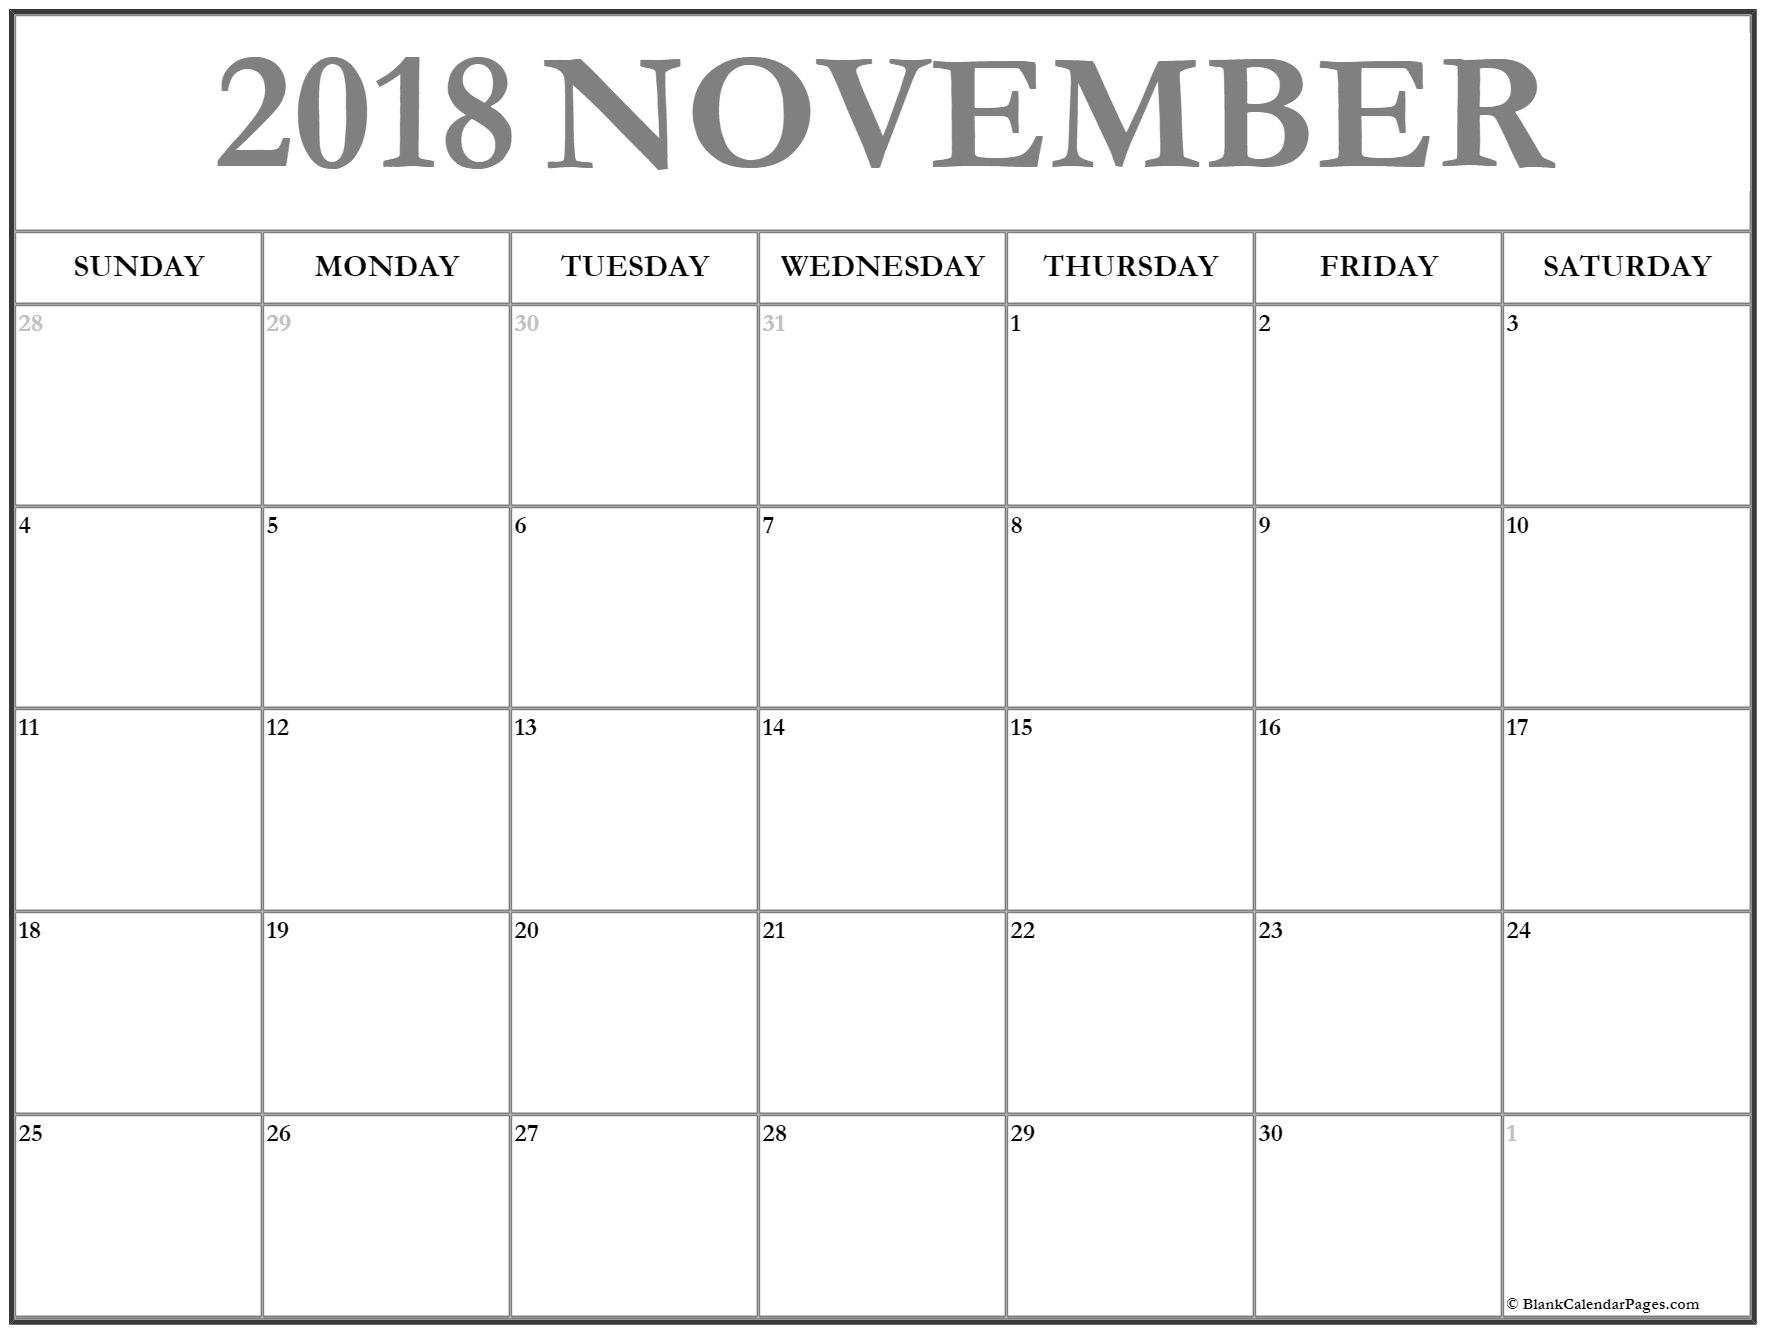 November 2018 Calendar Blank Planner